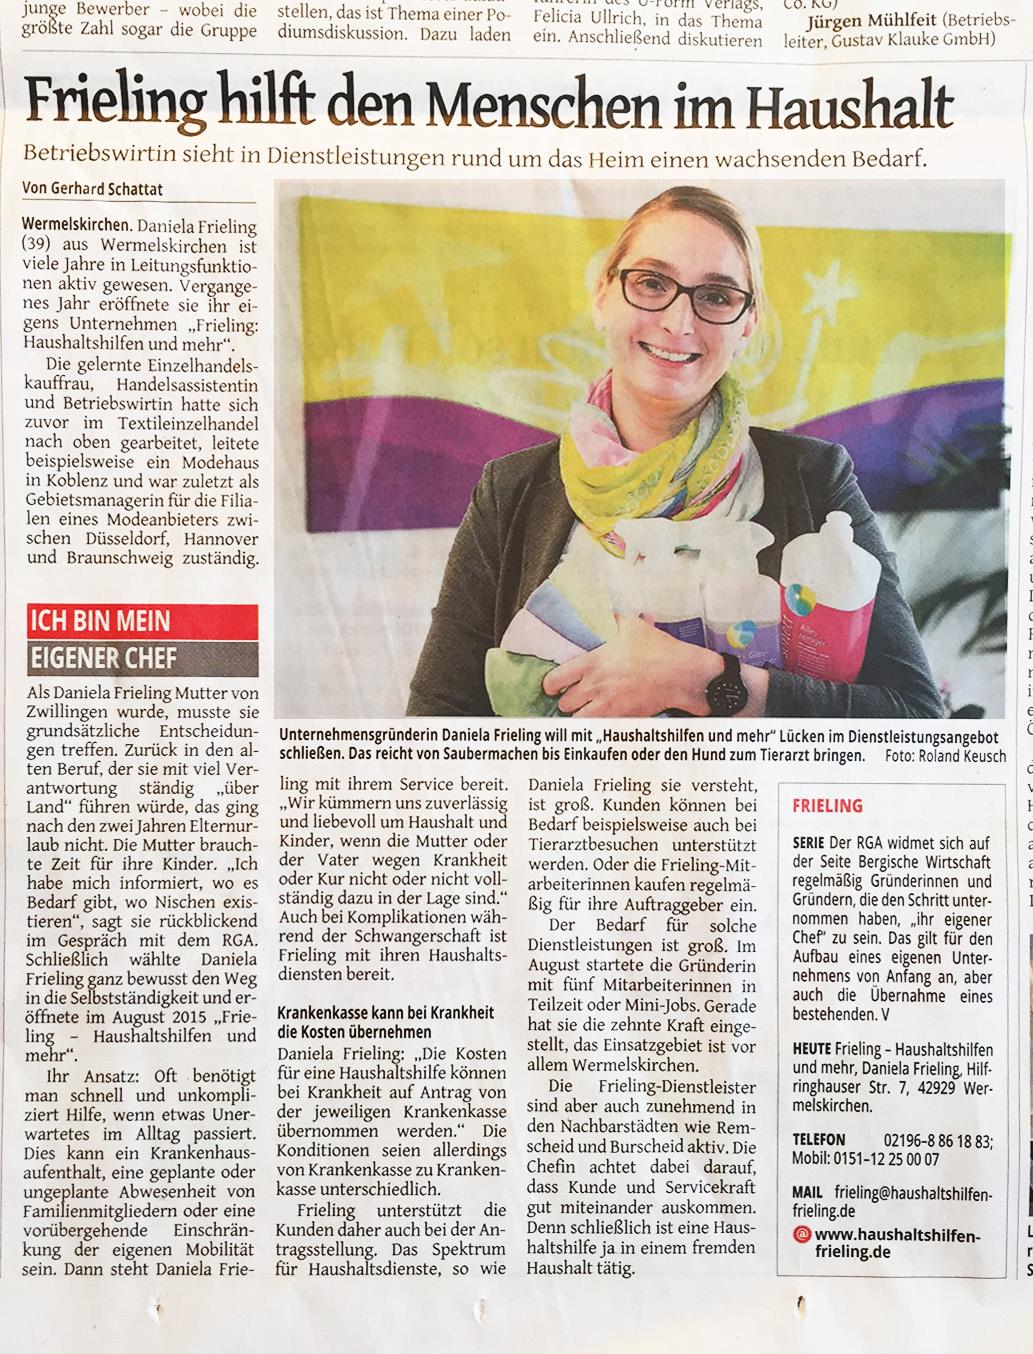 Artikel im Remscheider General-Anzeiger vom 9. April 2015